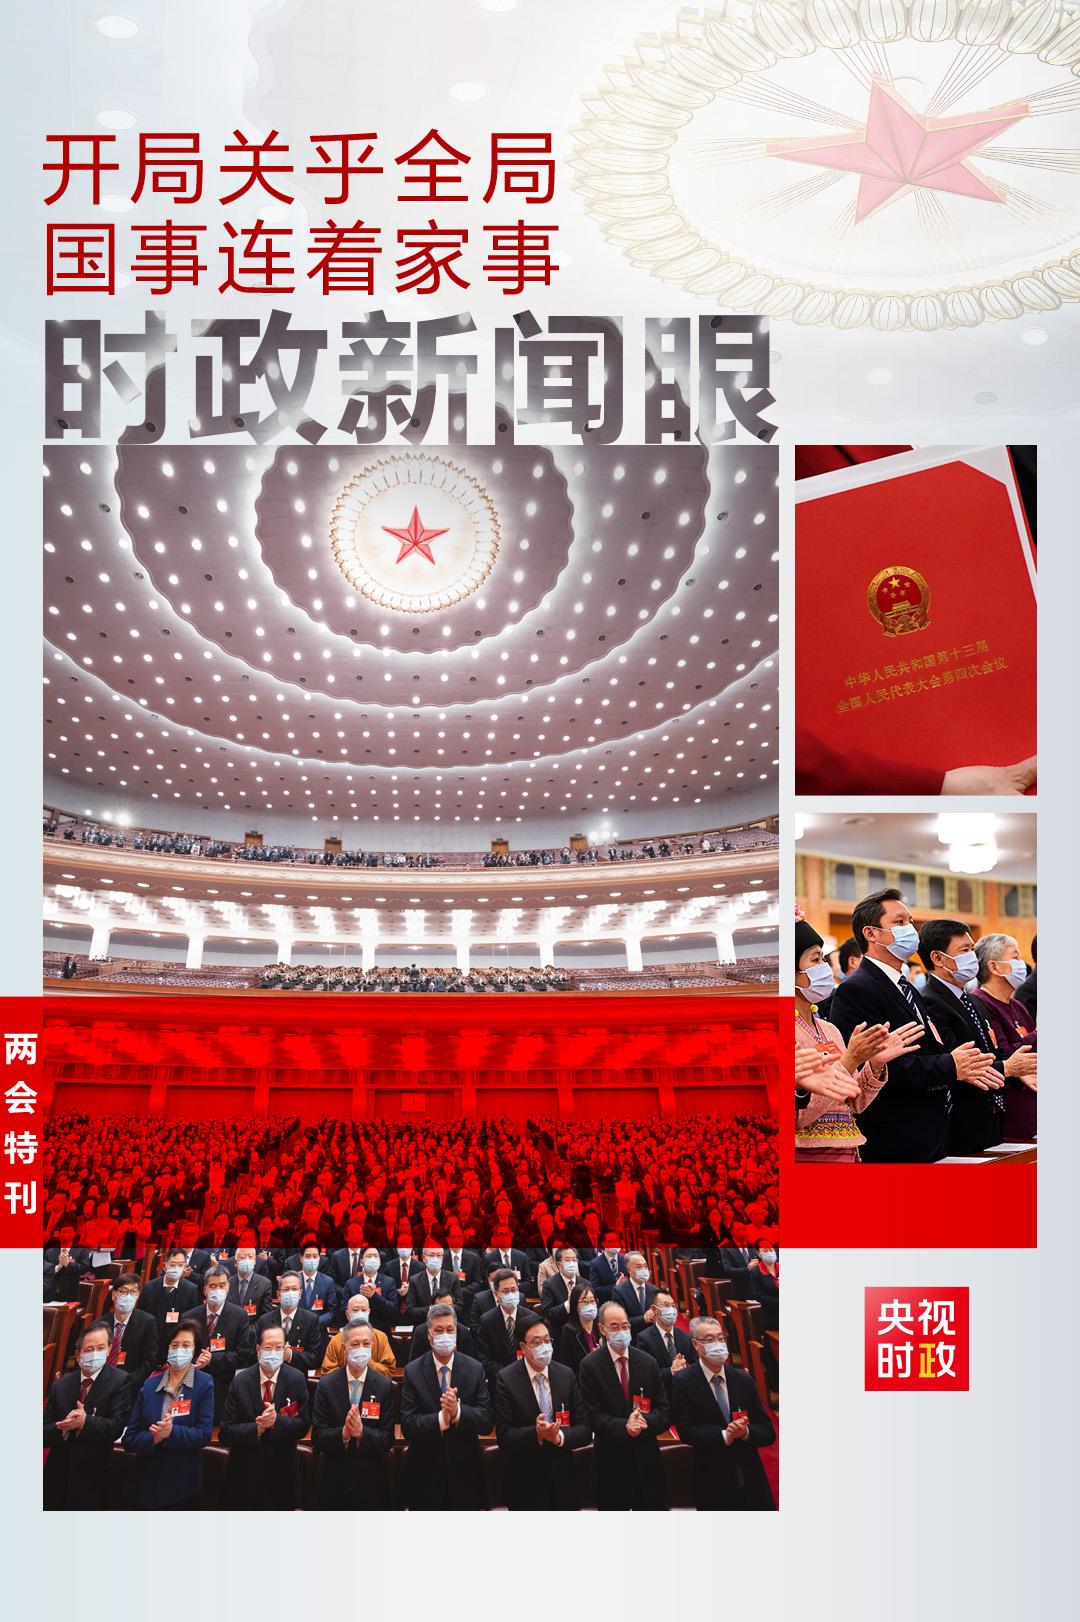 安庆七中网站_一平方米等于_丹东马晓红